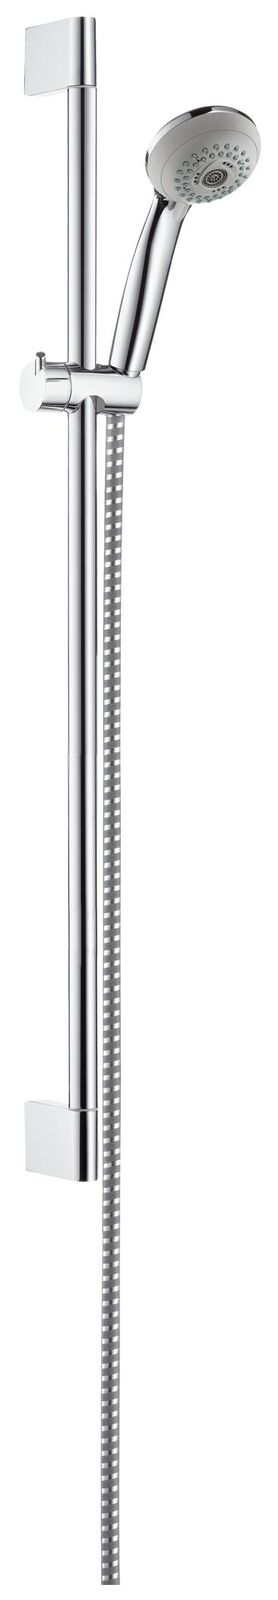 Hansgrohe Brausenset Crometta 85 Multi   Unica Crometta 650mm Chrom - 27767000